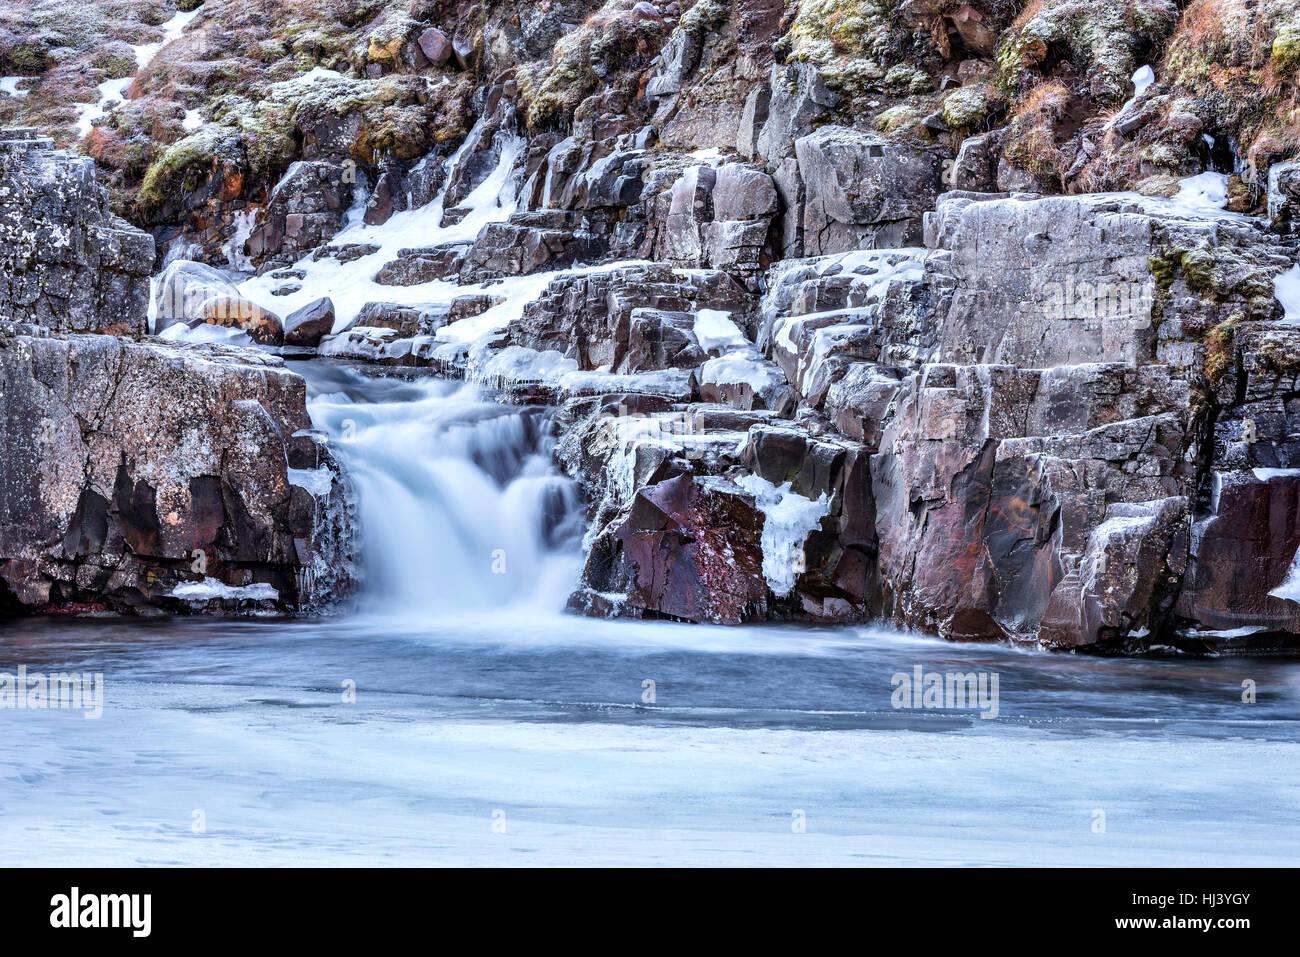 Una cascata circondata da ghiaccio e neve nelle Highlands di Islanda incorniciato terreni accidentati offre paesaggio Immagini Stock